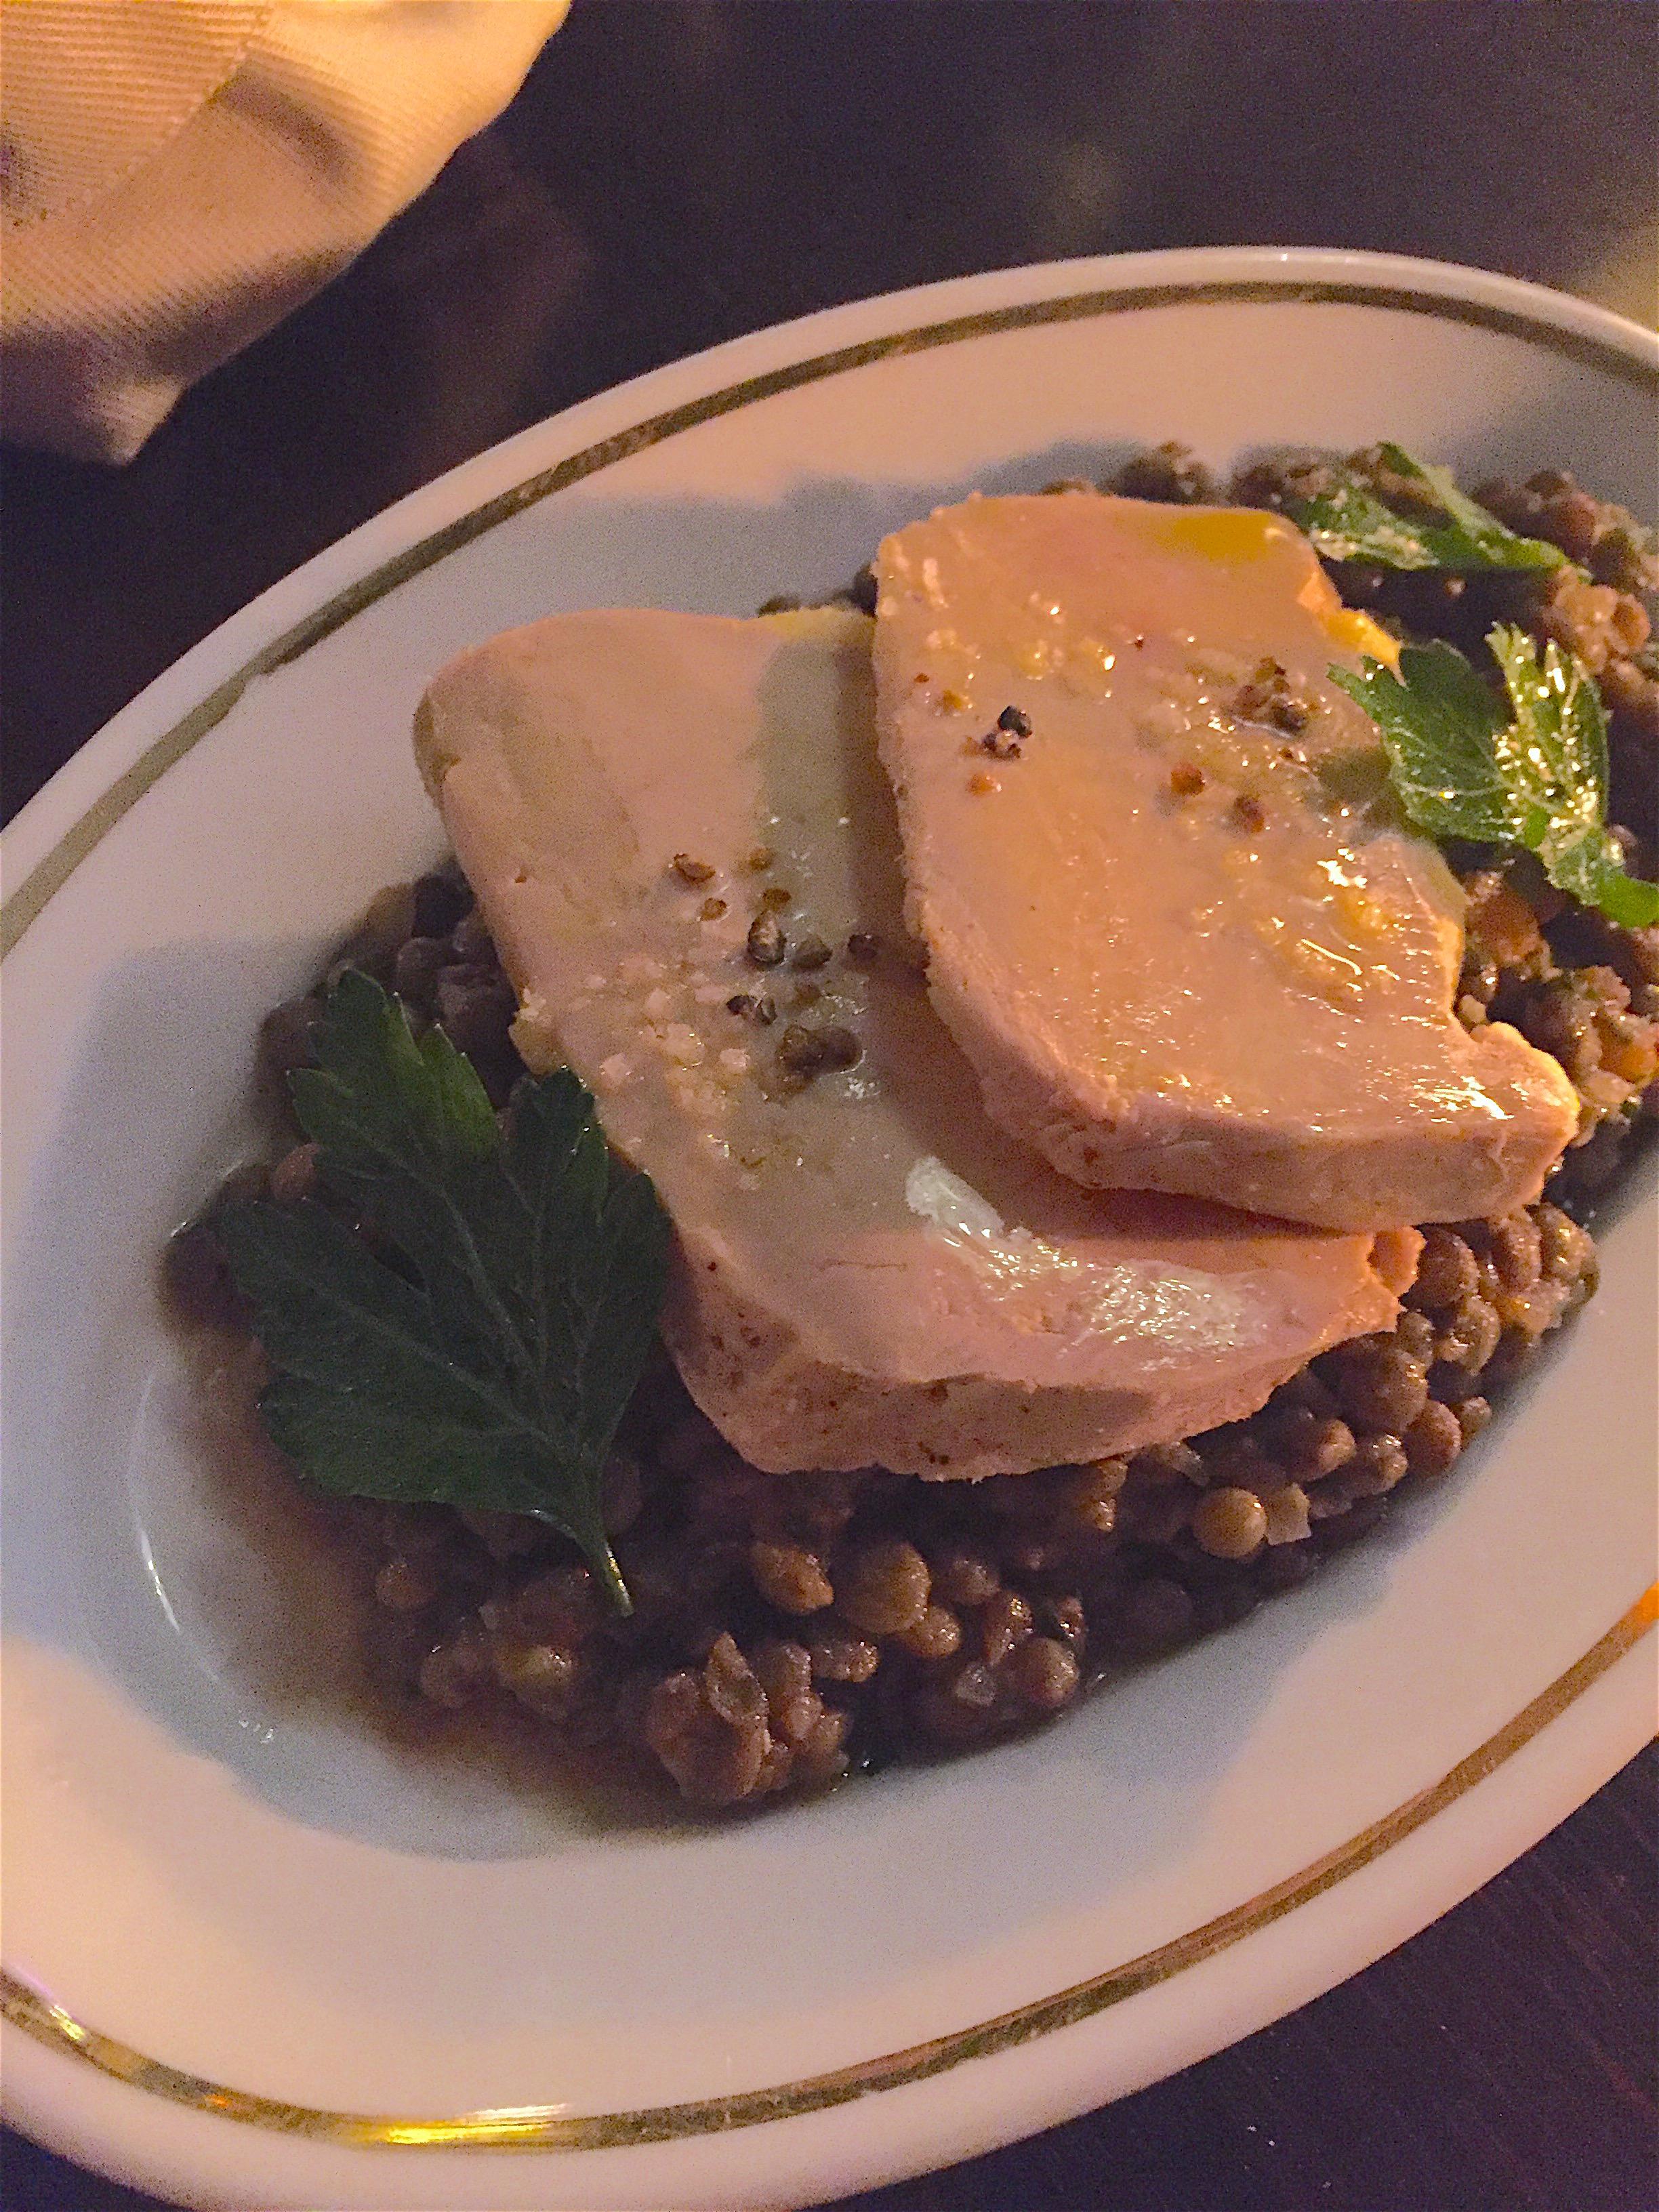 Chez la Vieille - lentils and foie gras @ Alexander Lobrano